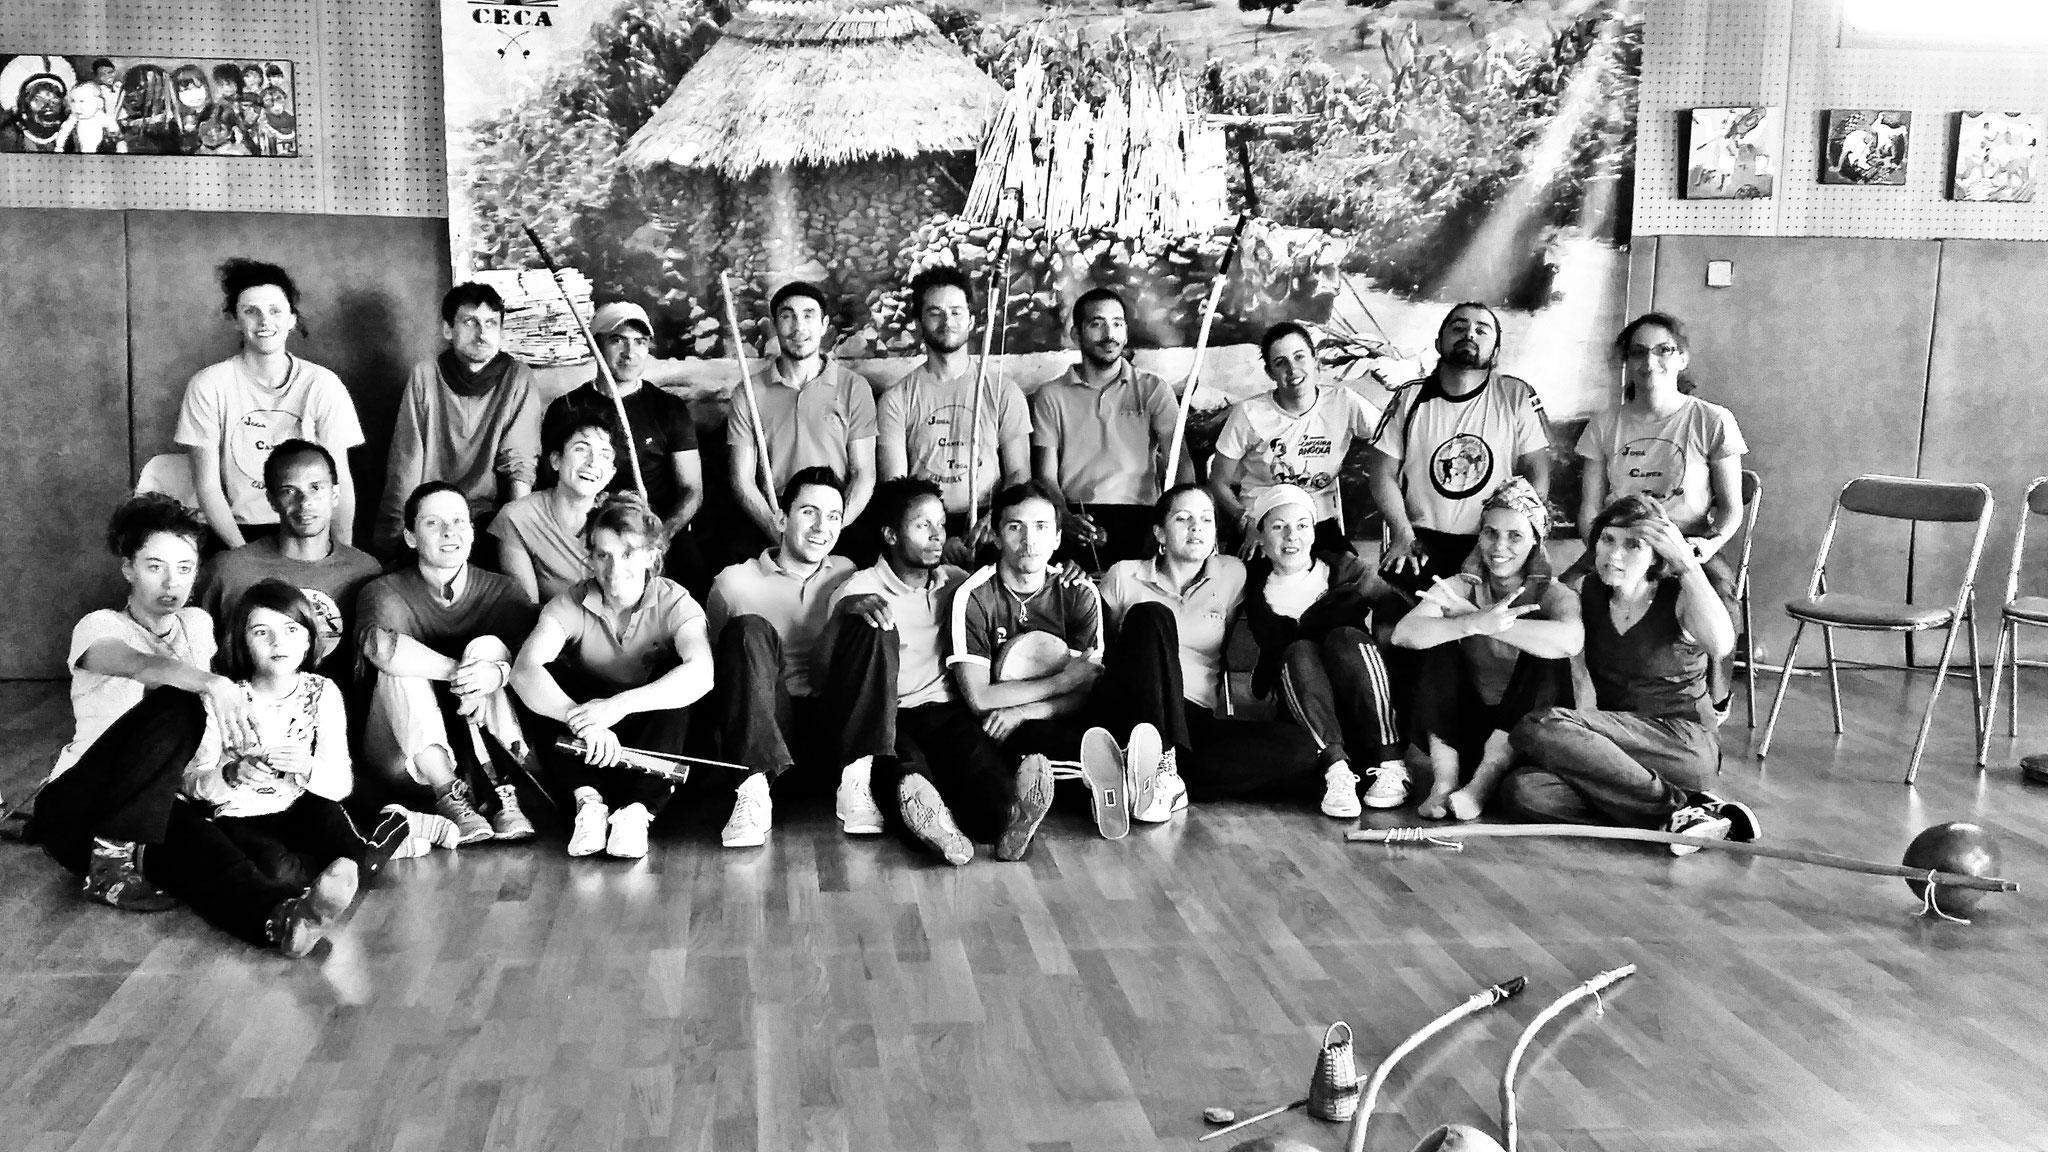 CECA - Bincadeira de angola 2 - capoeira angola group